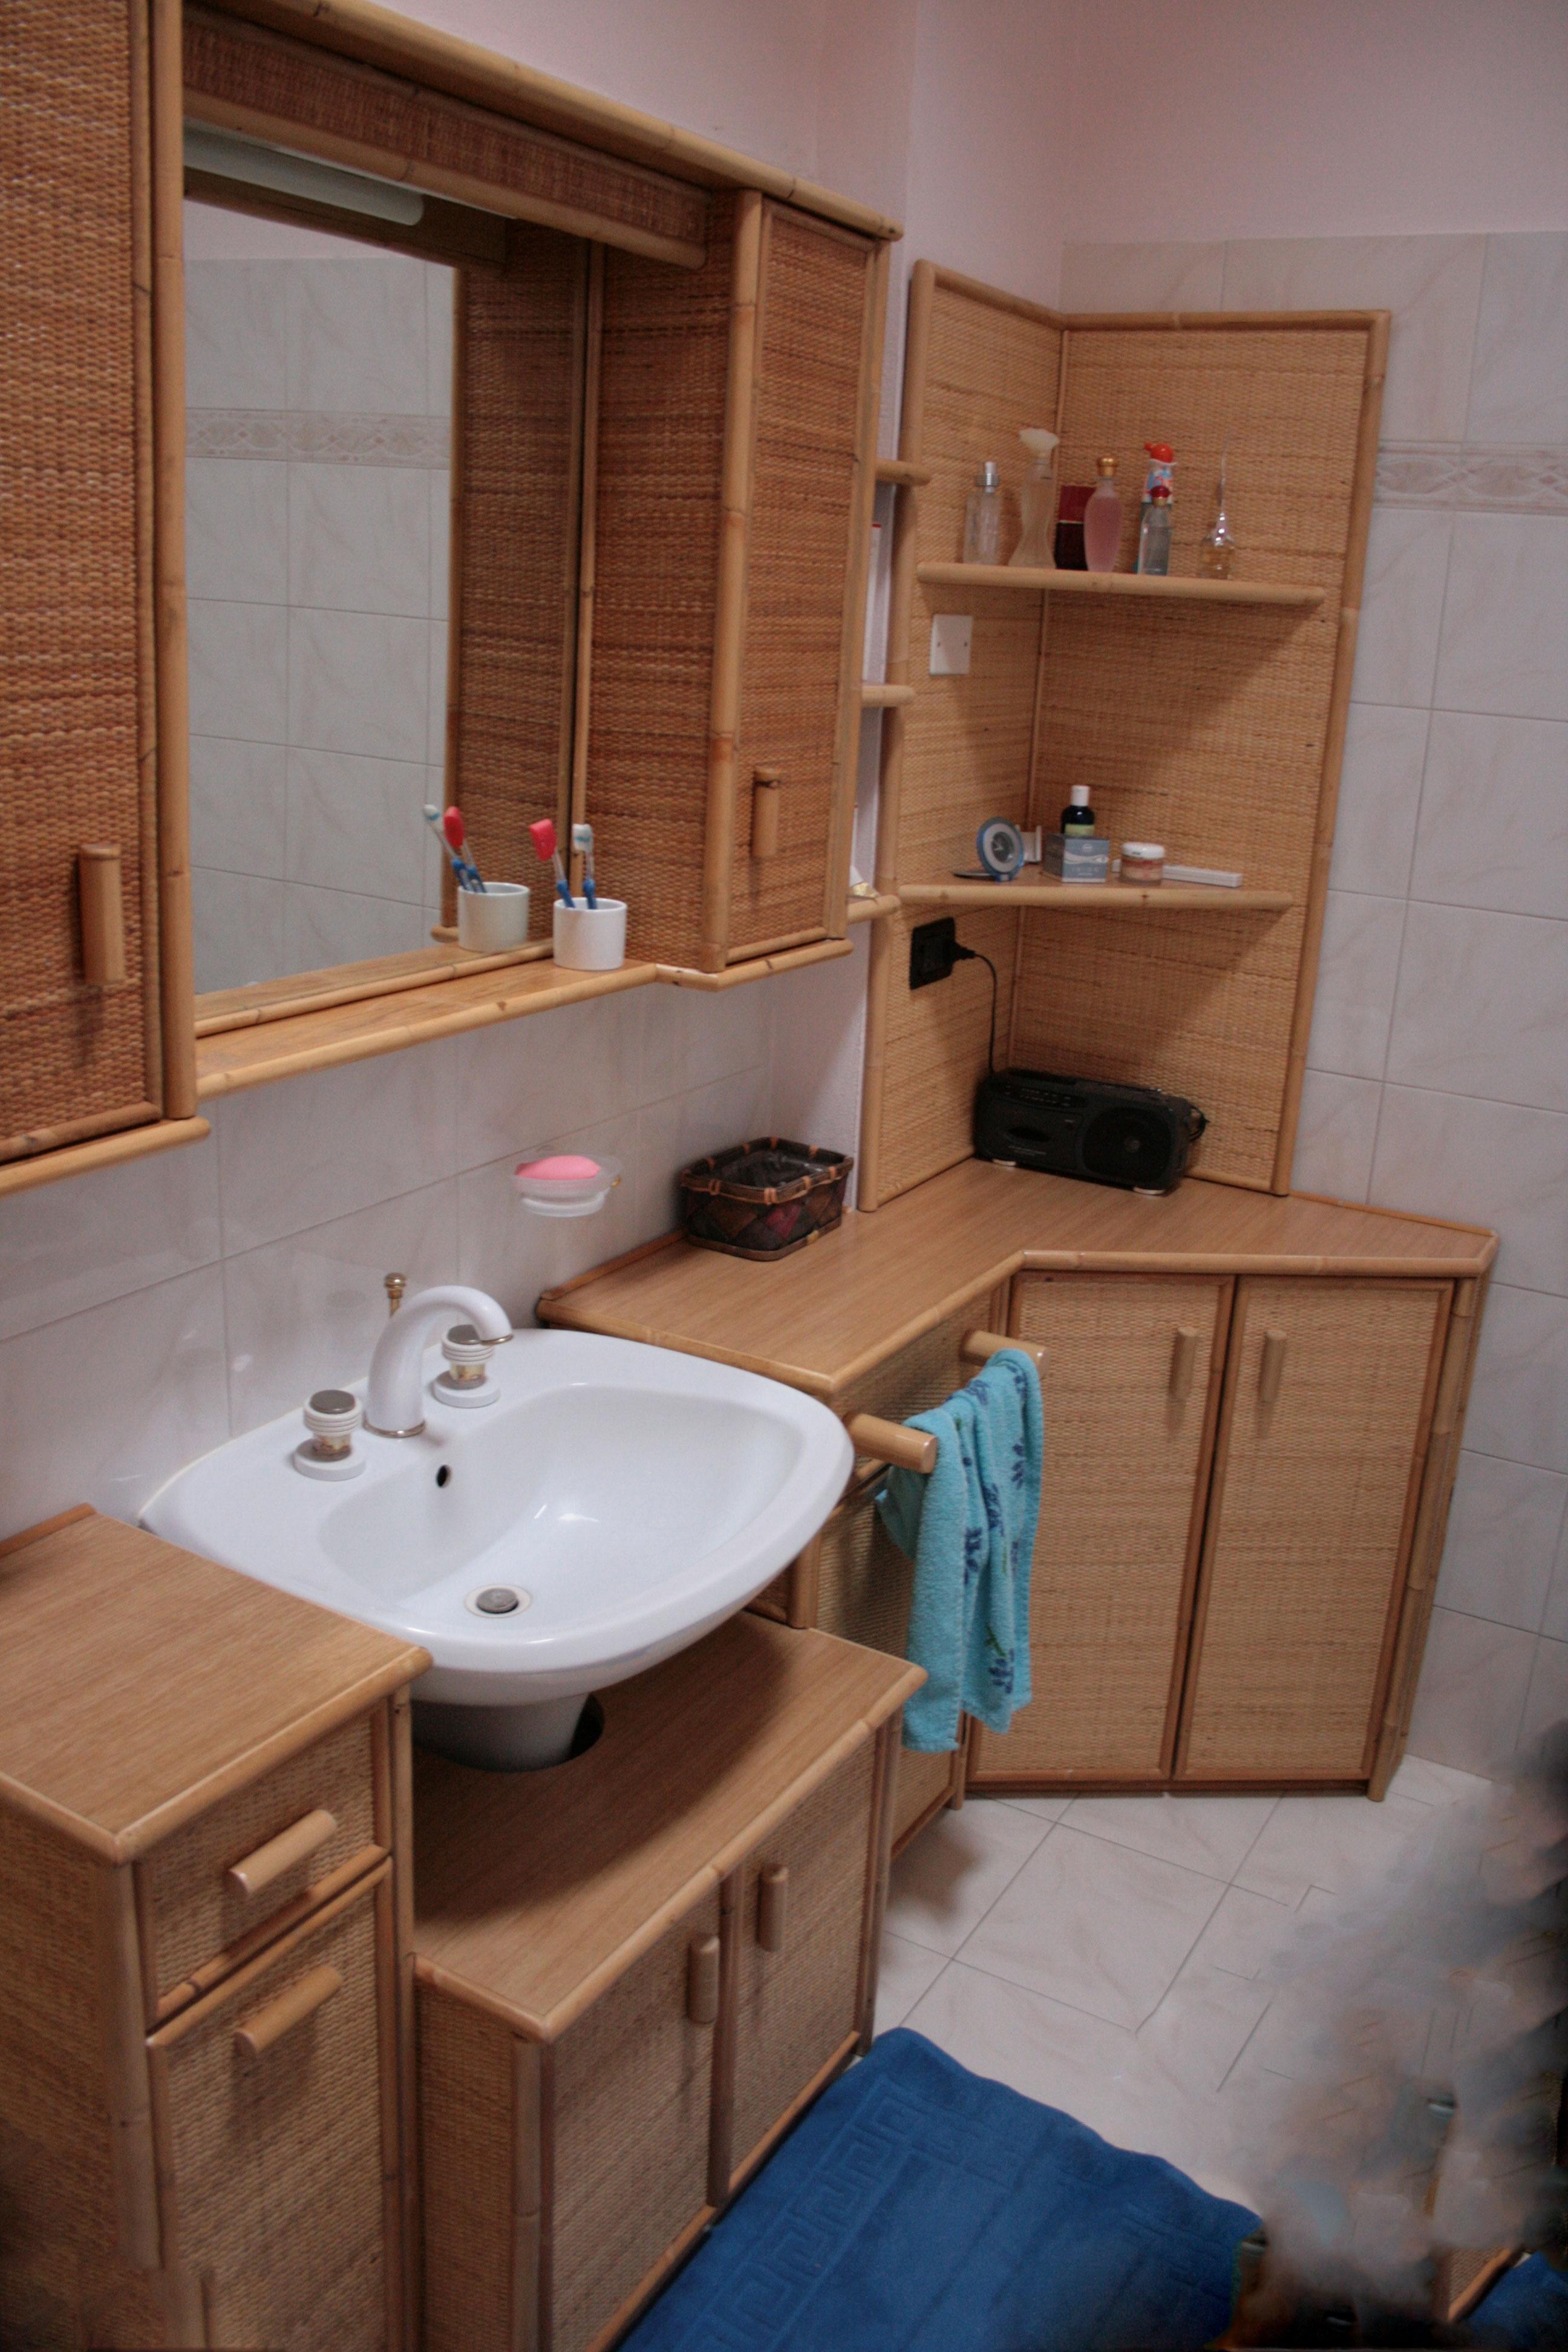 Mobile Sotto Mensola Bagno produzione mobili bagno in rattan,midollino,giunco.